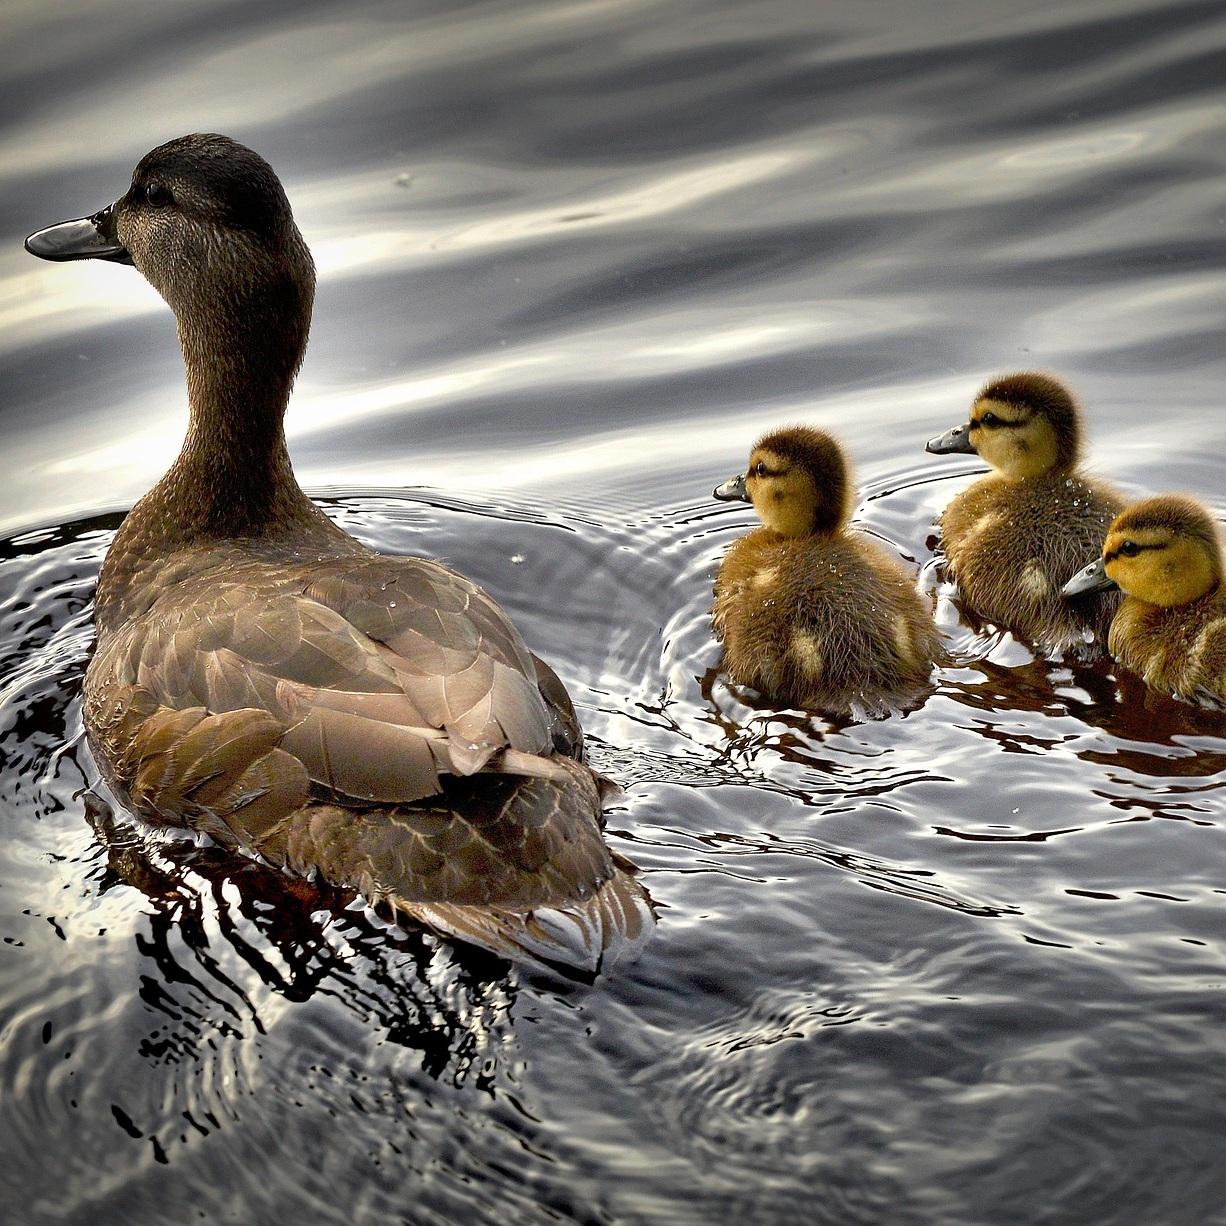 black-ducks-2429165_1920.jpg